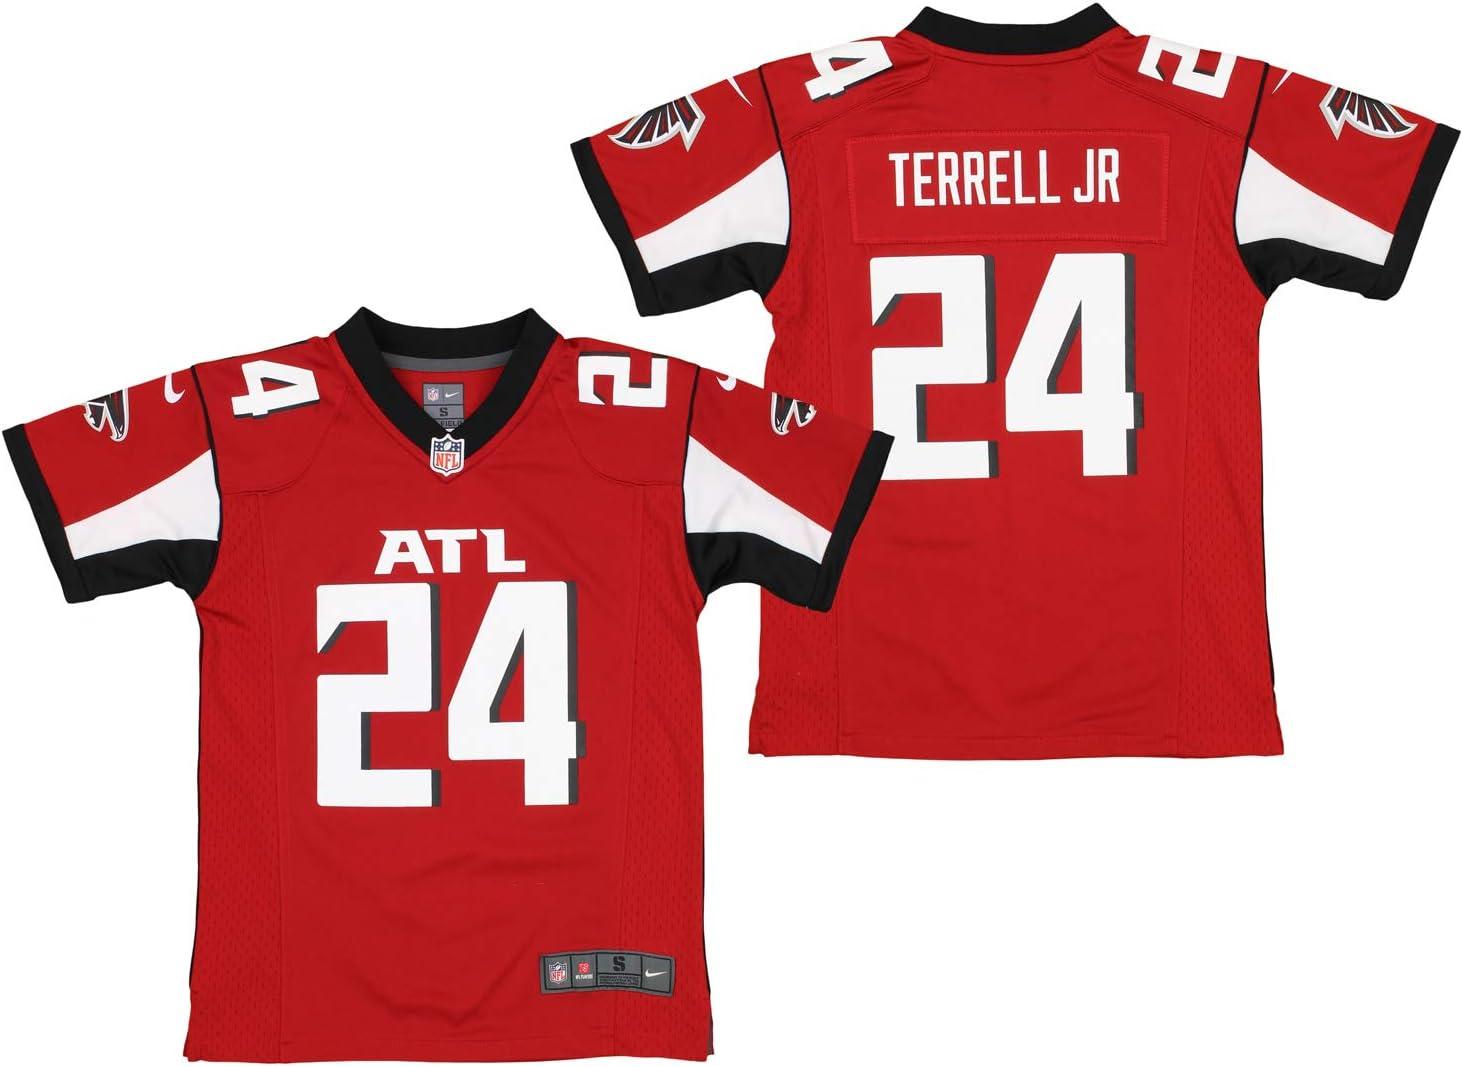 Amazon.com : Nike NFL Atlanta Falcons A.J. Terrell Jr. #24 Youth ...